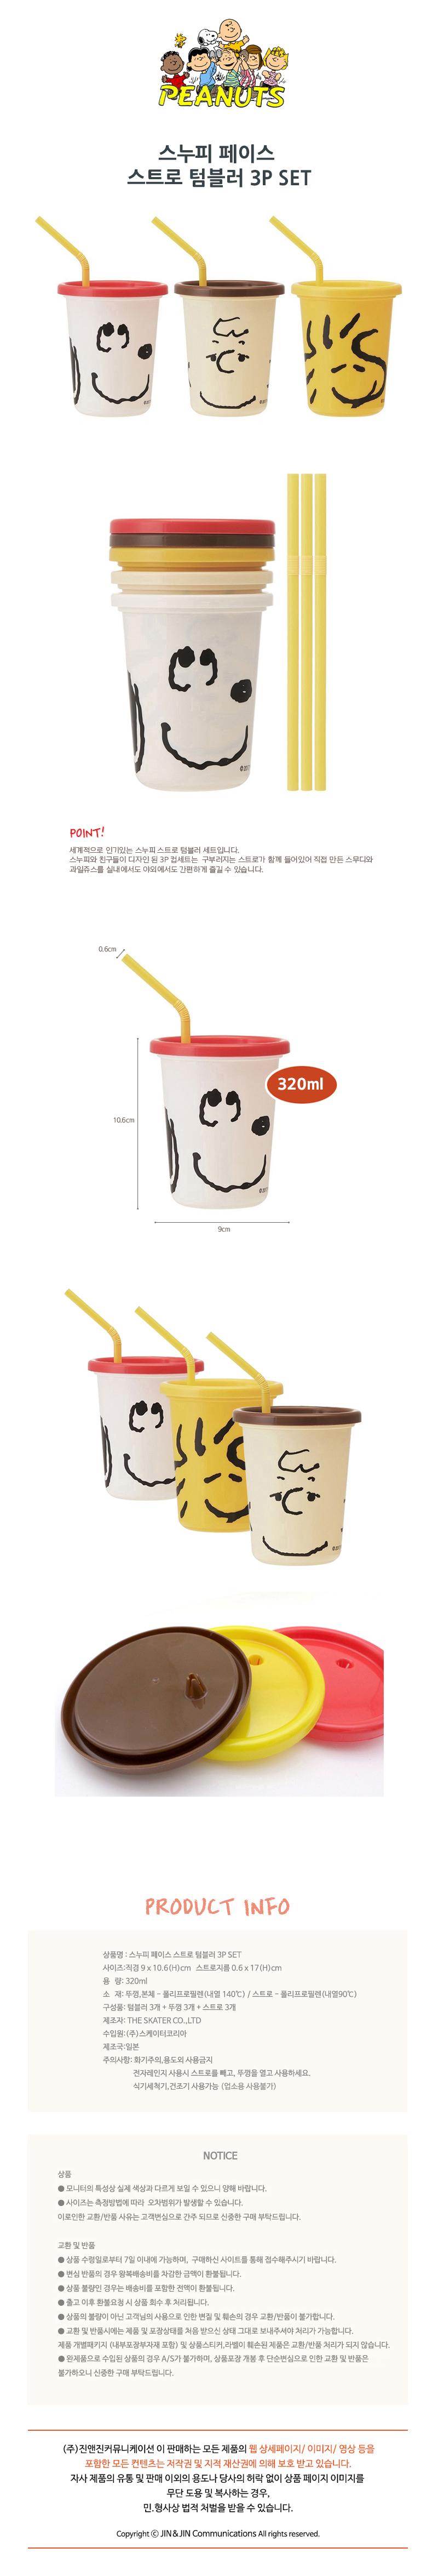 스누피 페이스 스트로 텀블러 3P SET - 스케이터재팬, 9,600원, 머그컵, 일러스트머그